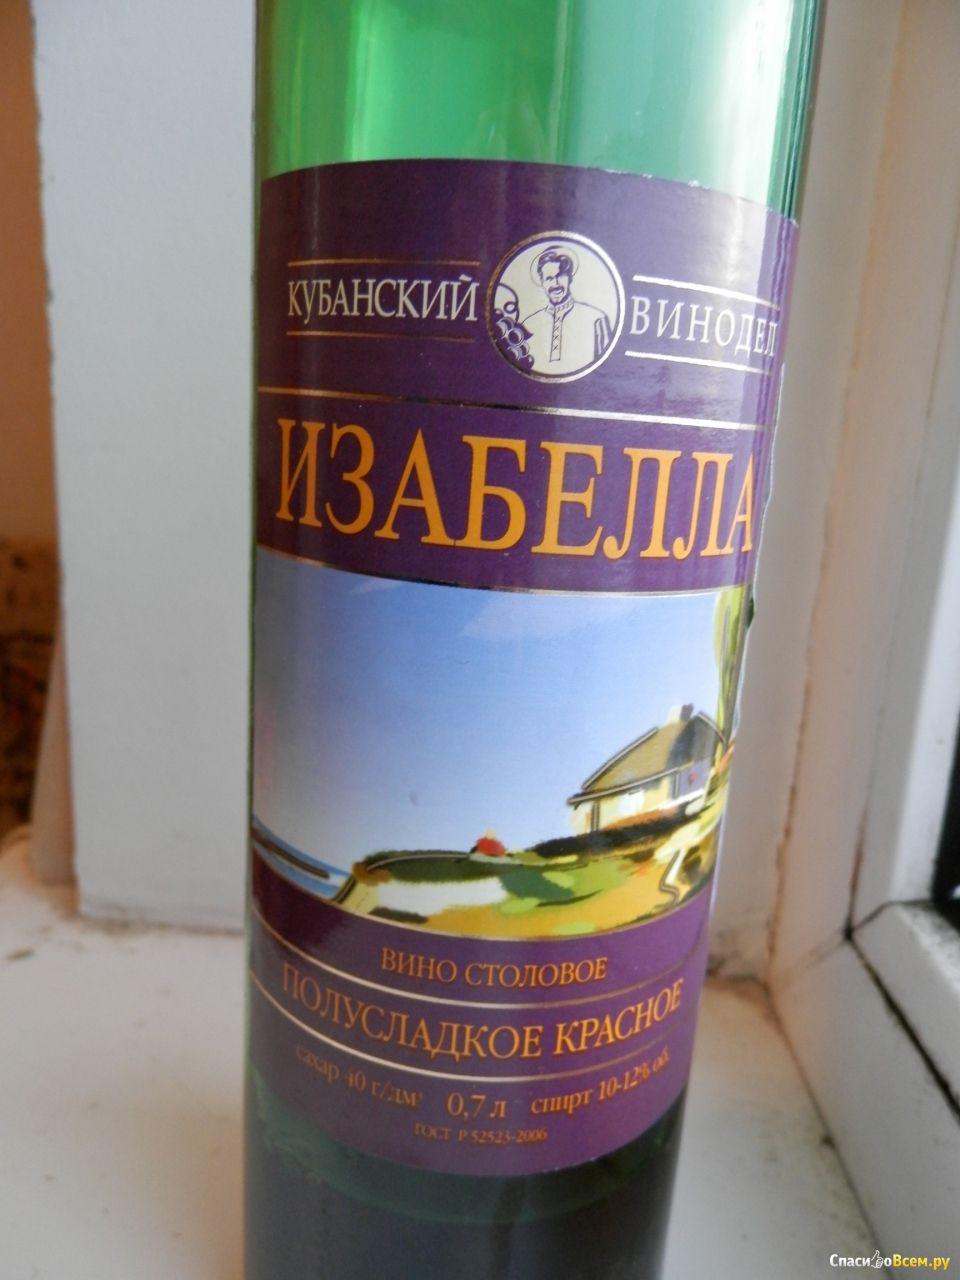 Лучшее Вино Кубани